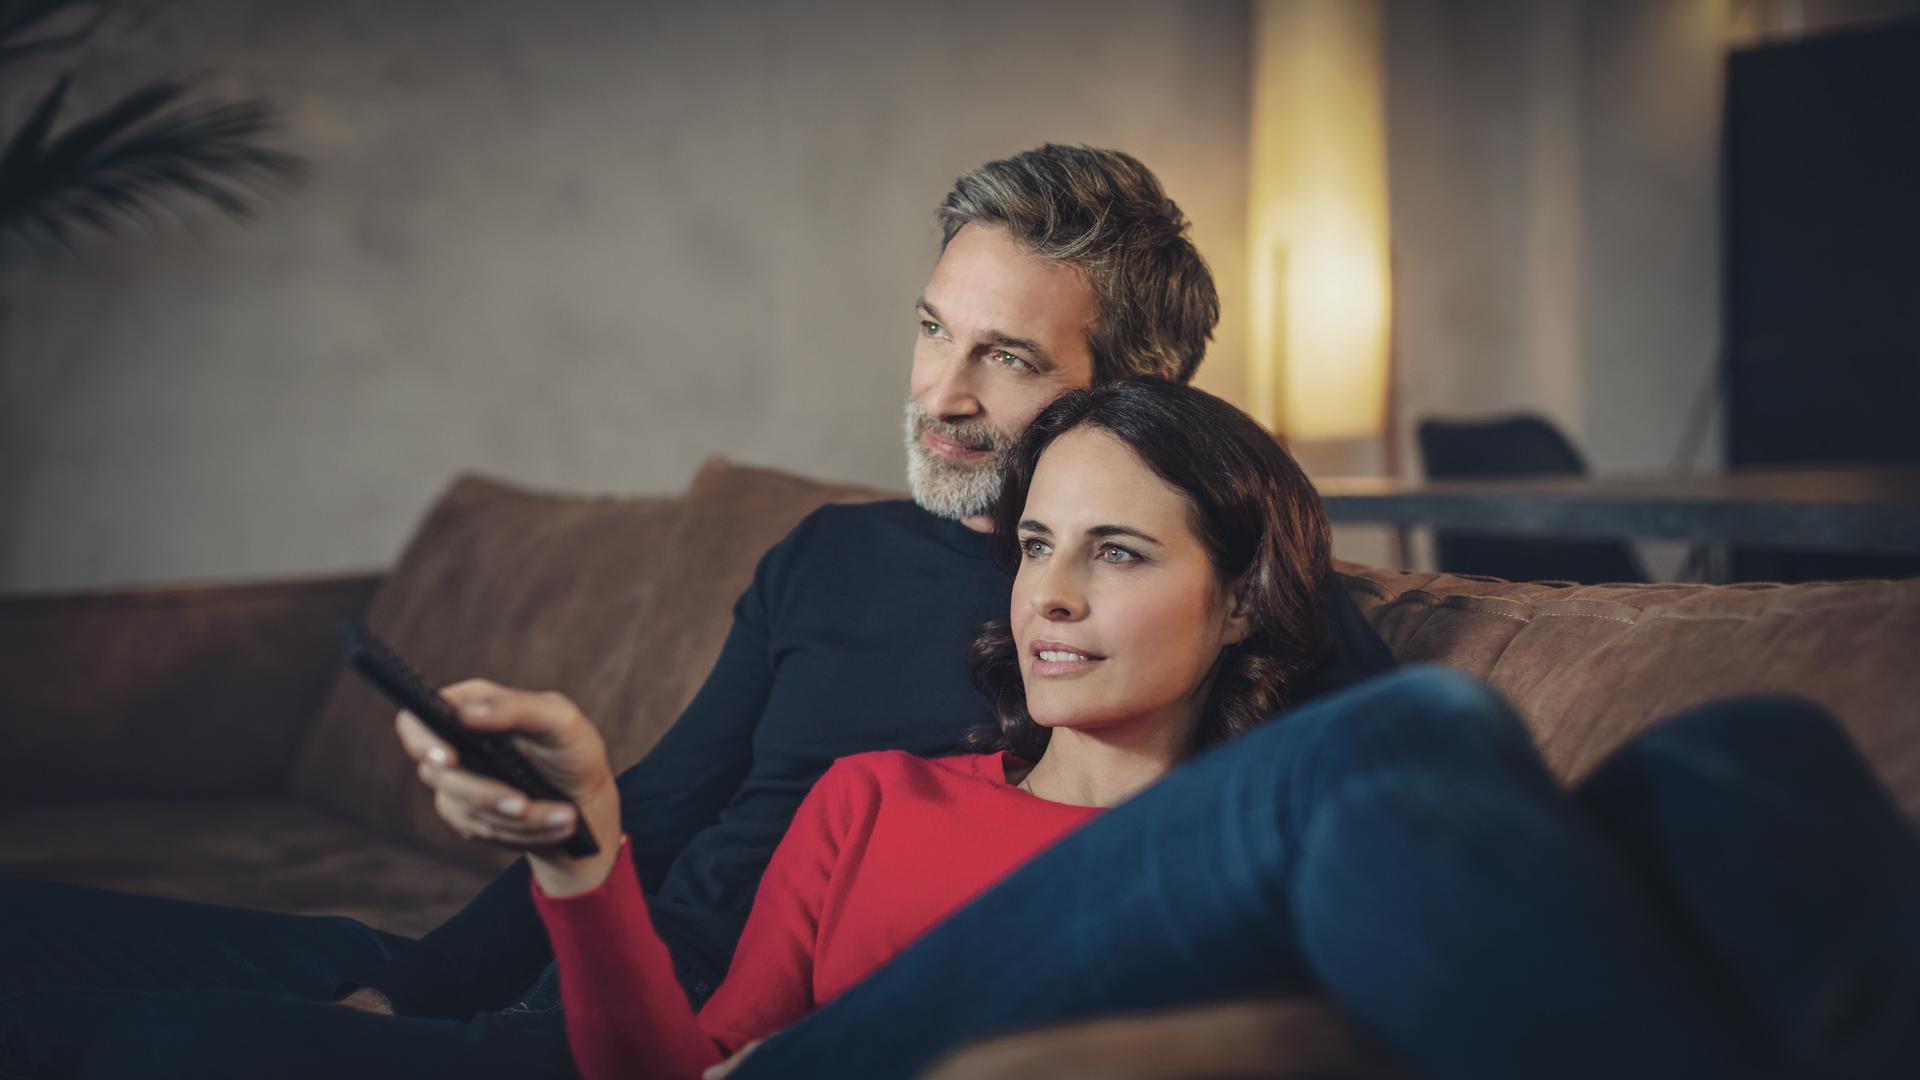 Ein Paar sitzt gemeinsam auf der Couch und sieht fern, die Frau schaltet dabei mit der Fernbedienung um.